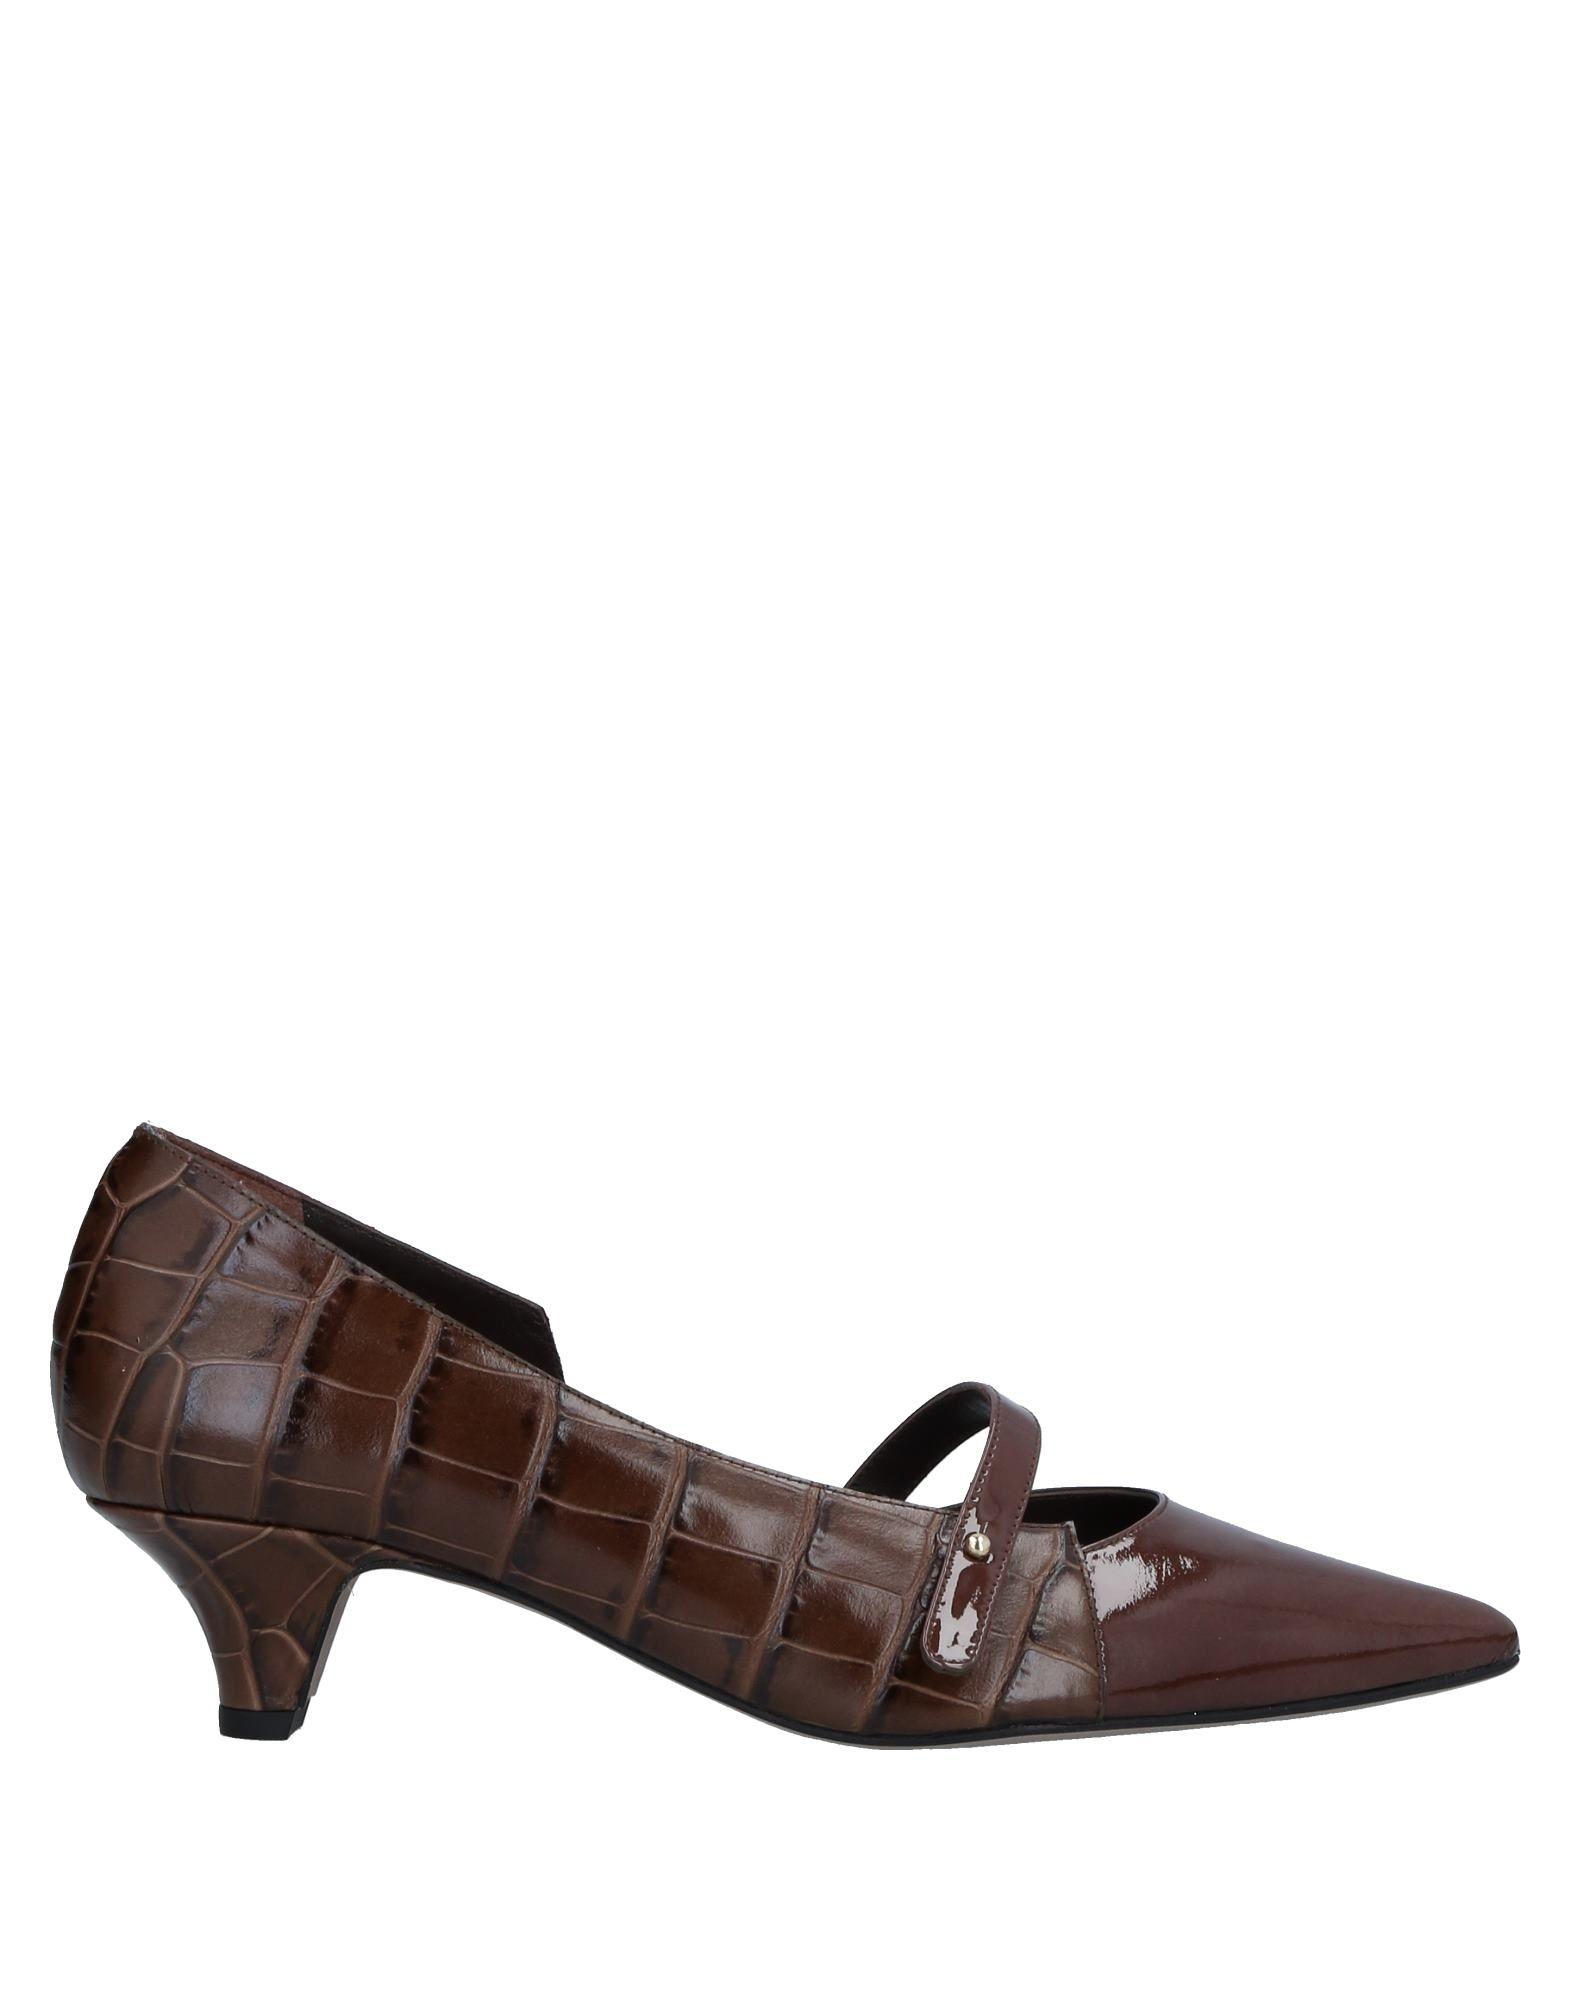 Mule Kenzo Donna e - 11479976KS Scarpe economiche e Donna alla moda ff4ea0